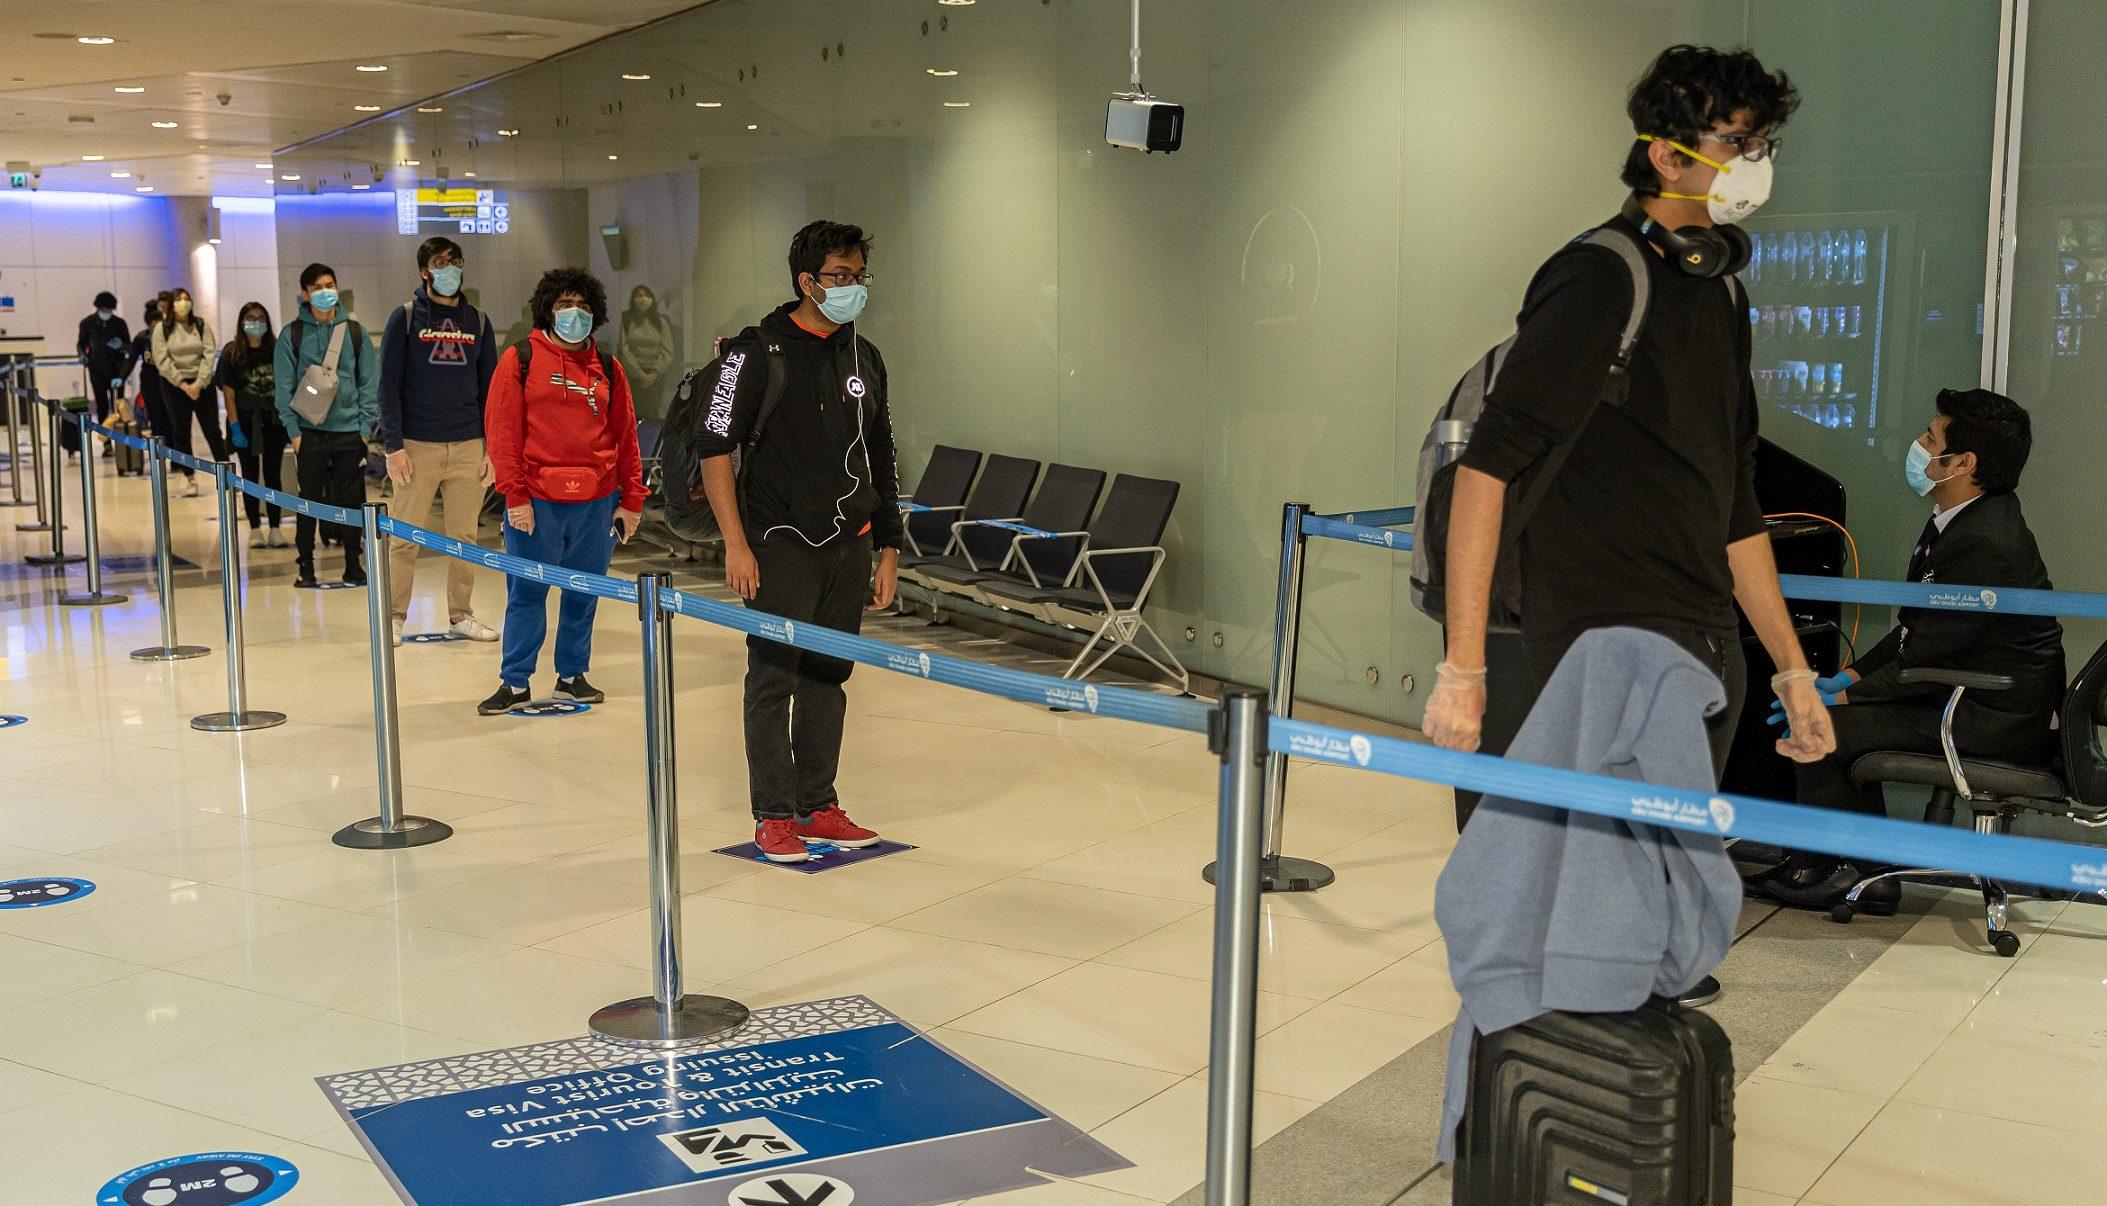 مطار أبوظبي الدولي يتخذ الاستعدادات لاستقبال رحلات ترانزيت تربط العاصمة بعشرين وجهة عالمية